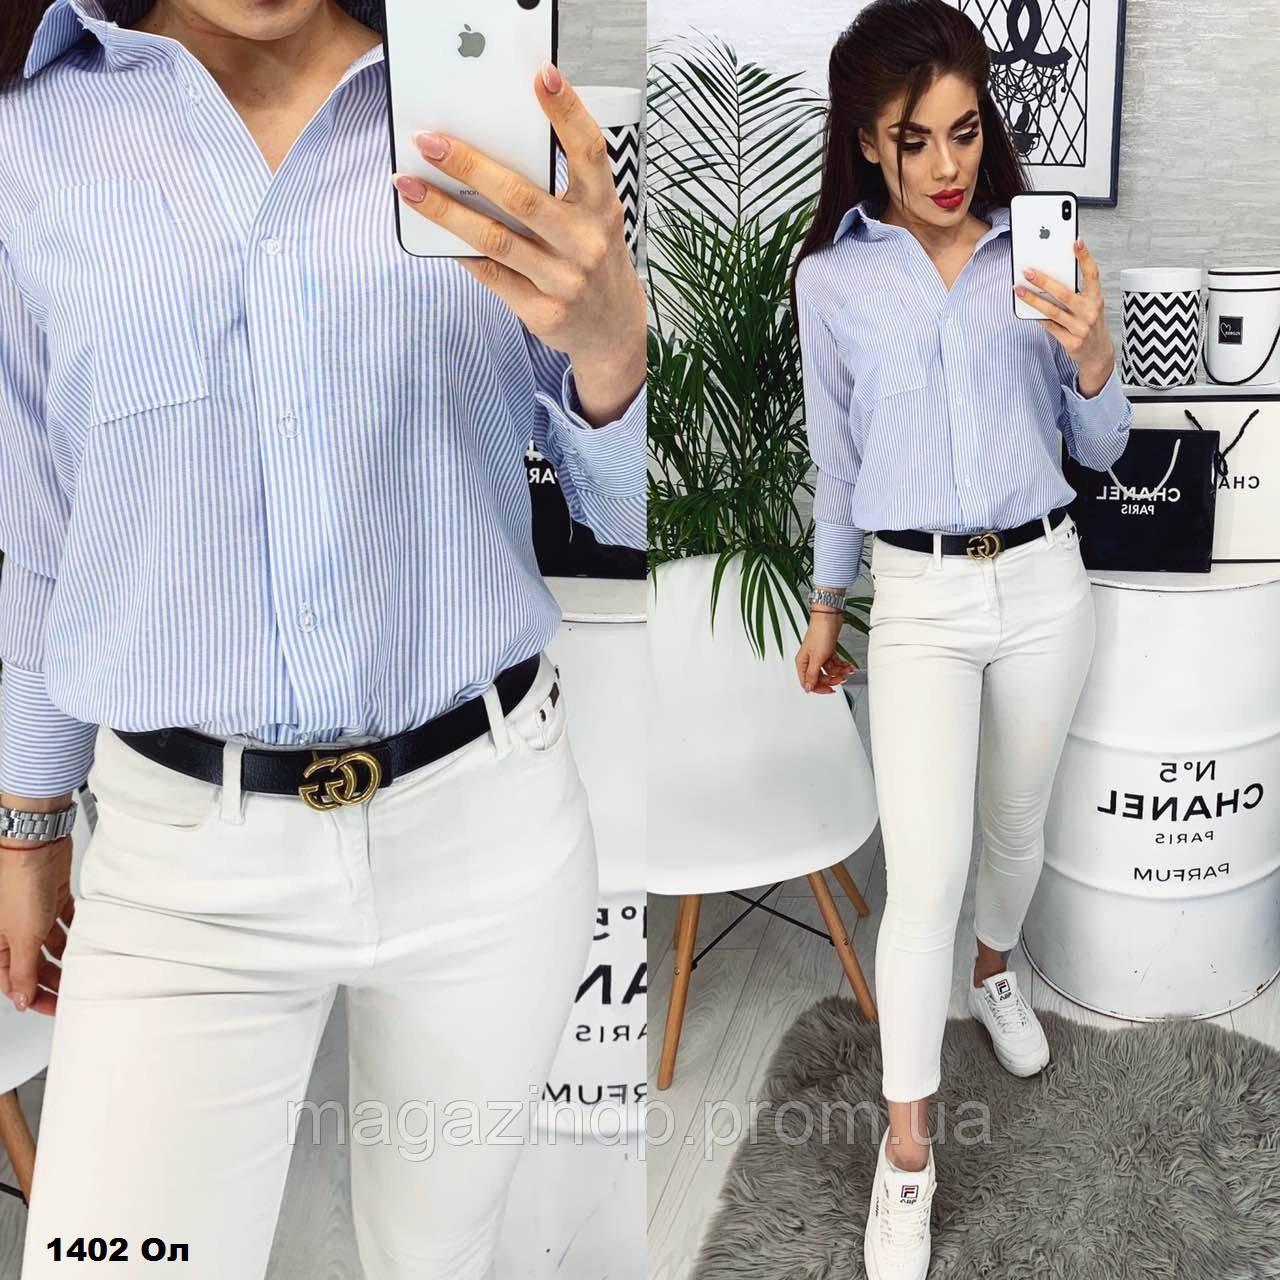 Женская рубашка в полоску 1402 Ол Код:945287720